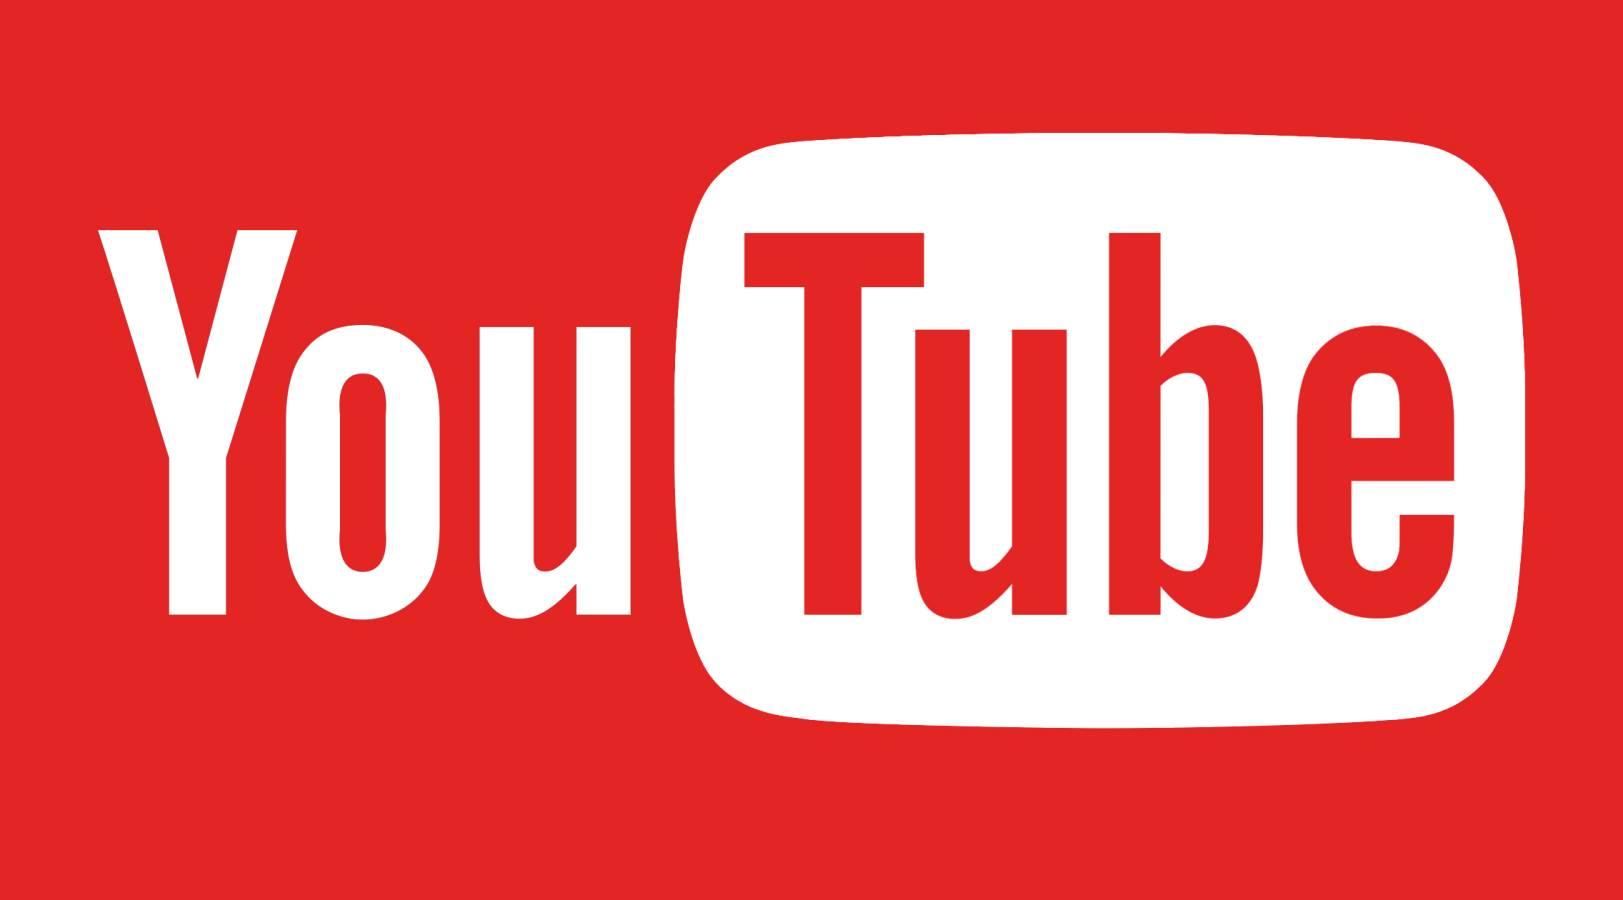 YouTube Actualizarea cu Noutati a Aplicatiei pentru Telefoane si Tablete